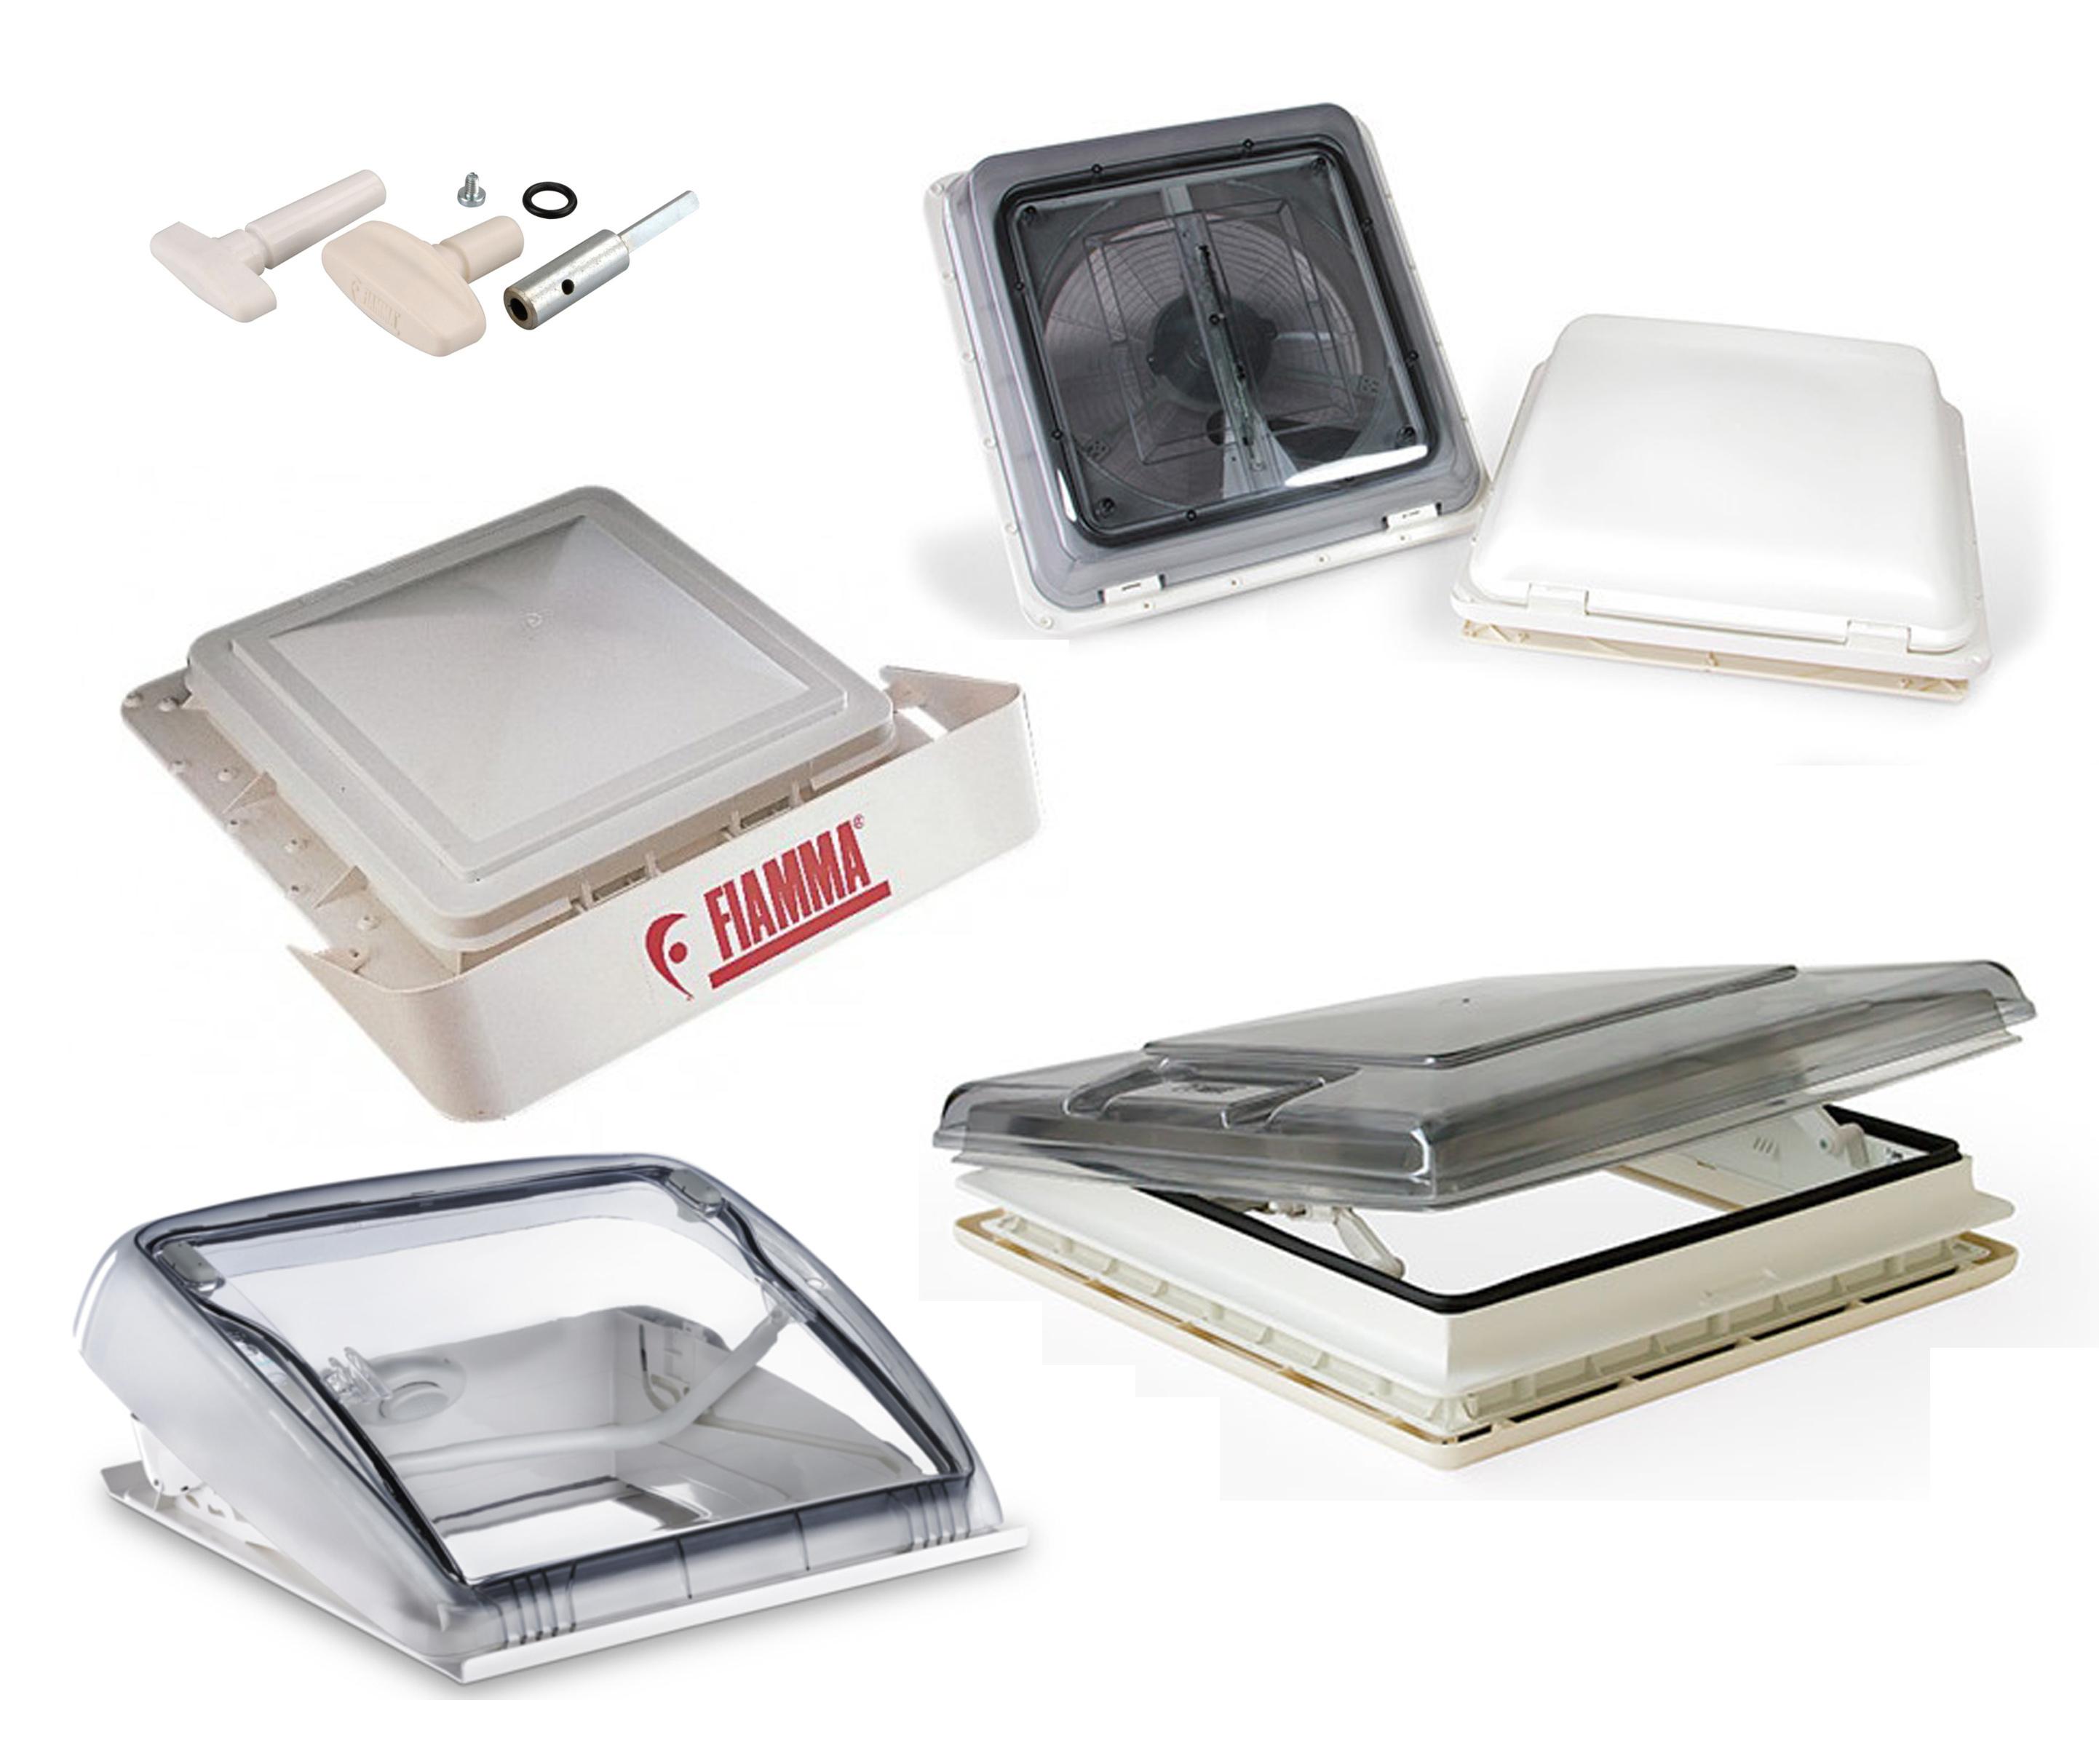 Camperstore ventanas claraboyas y ventilaci n para for Accesorios mosquiteras